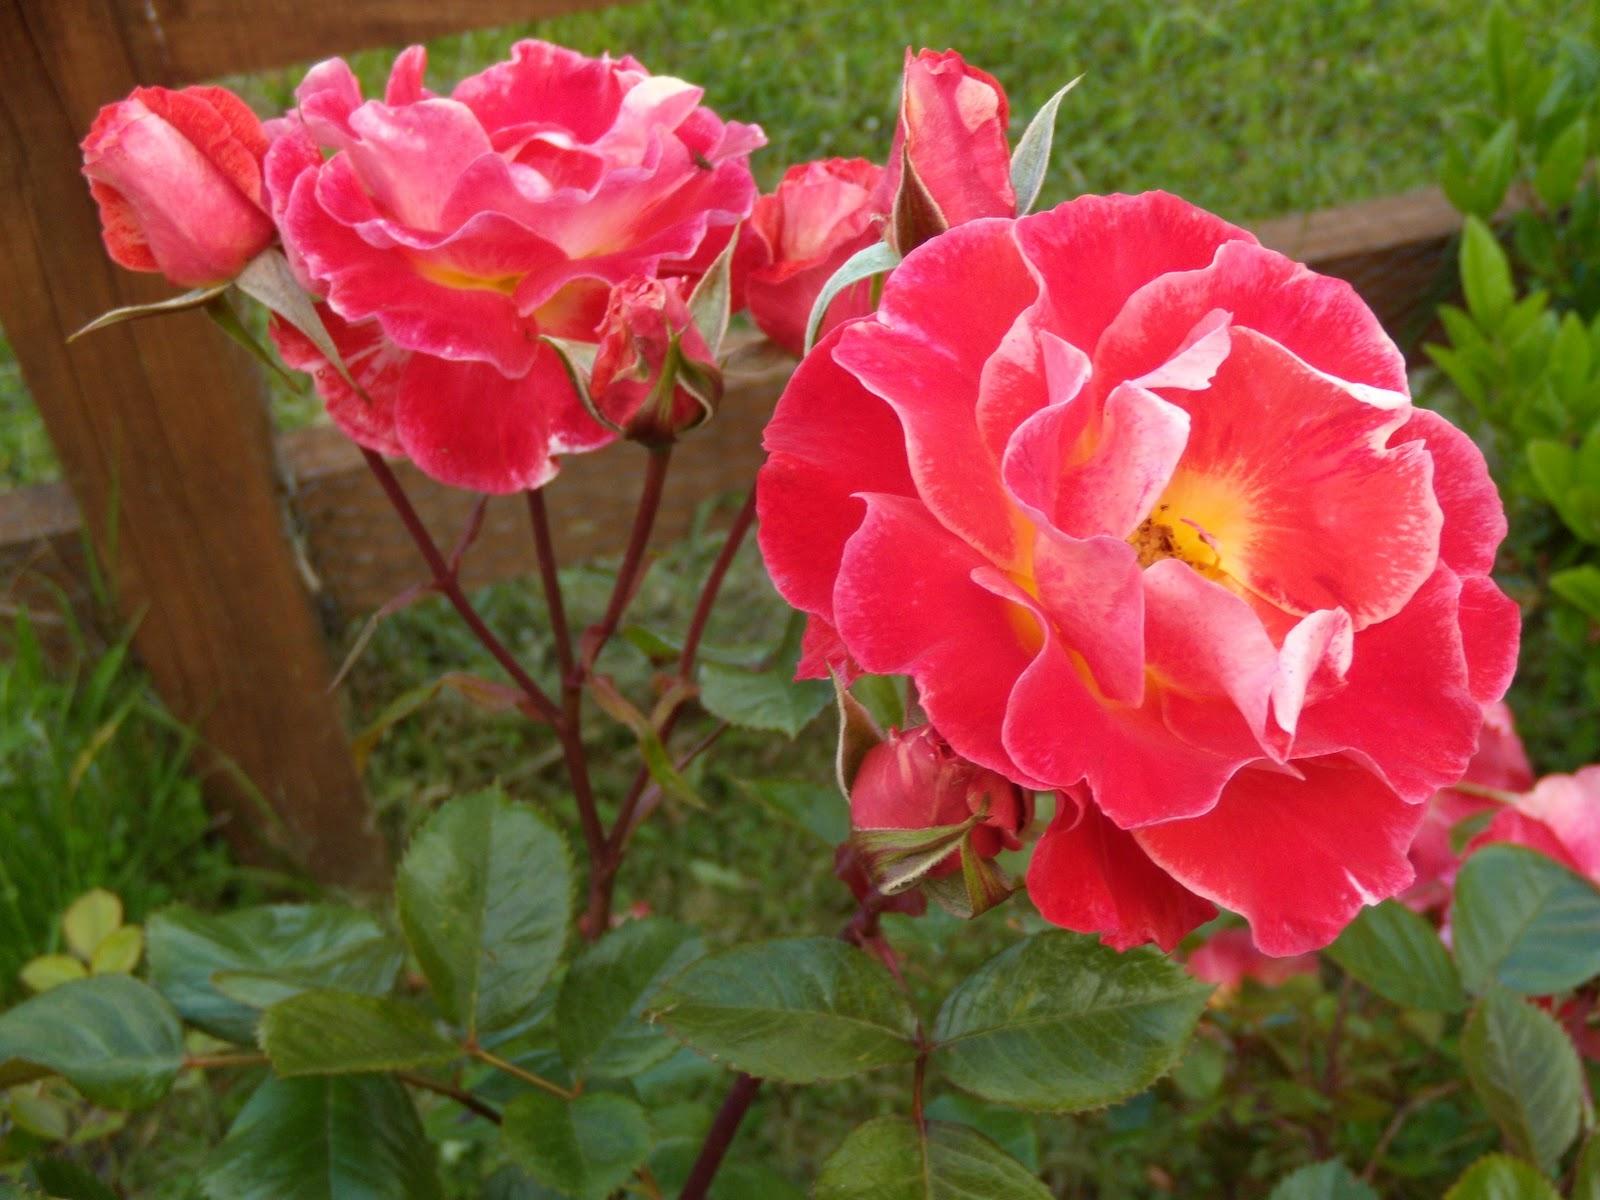 Nuevos horizontes la rosa de mi jard n poema for Jardin rosa alcoy